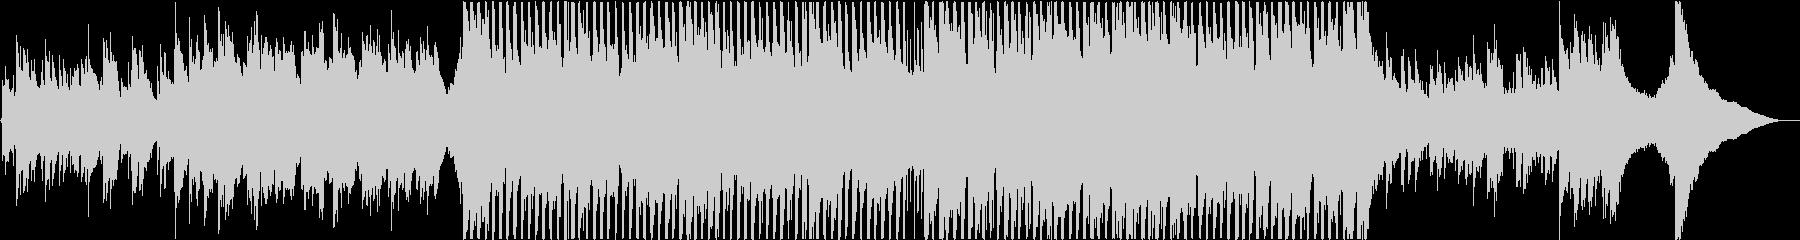 インスピレーション、インディーポップロッの未再生の波形